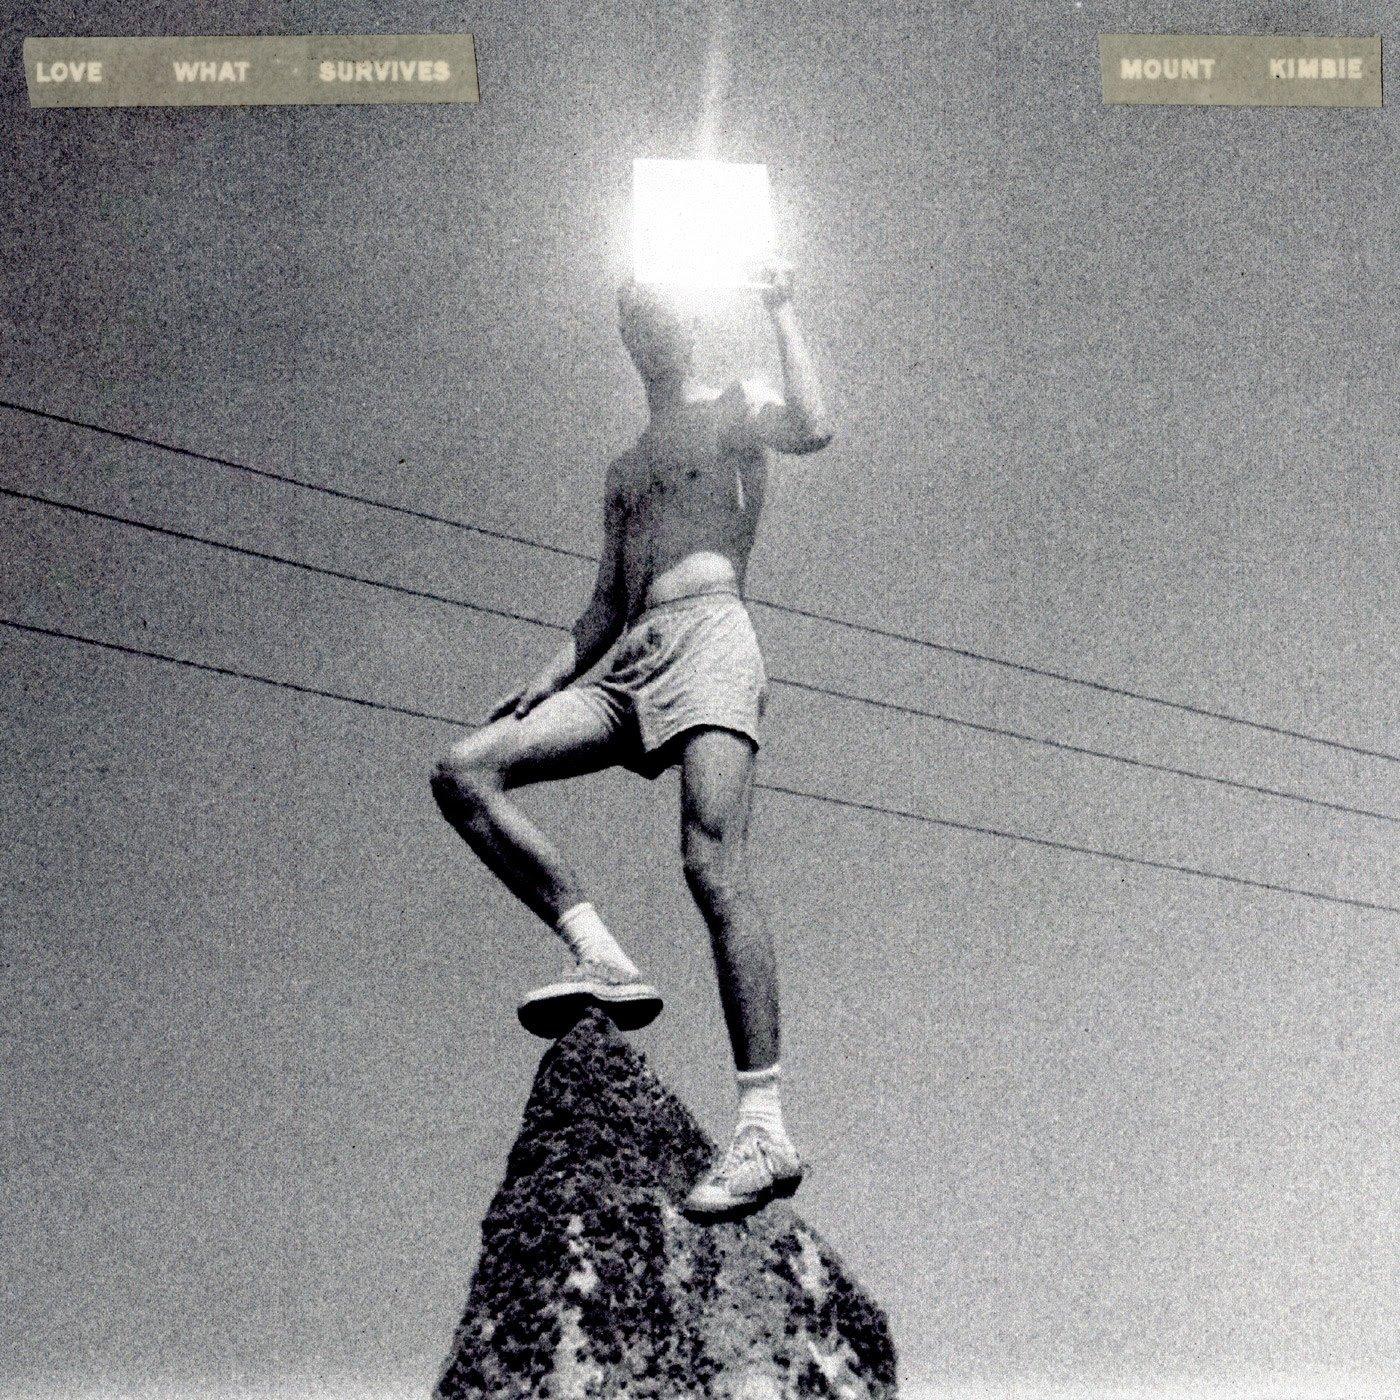 Mount Kimbie - Love What Survives [2xLP]